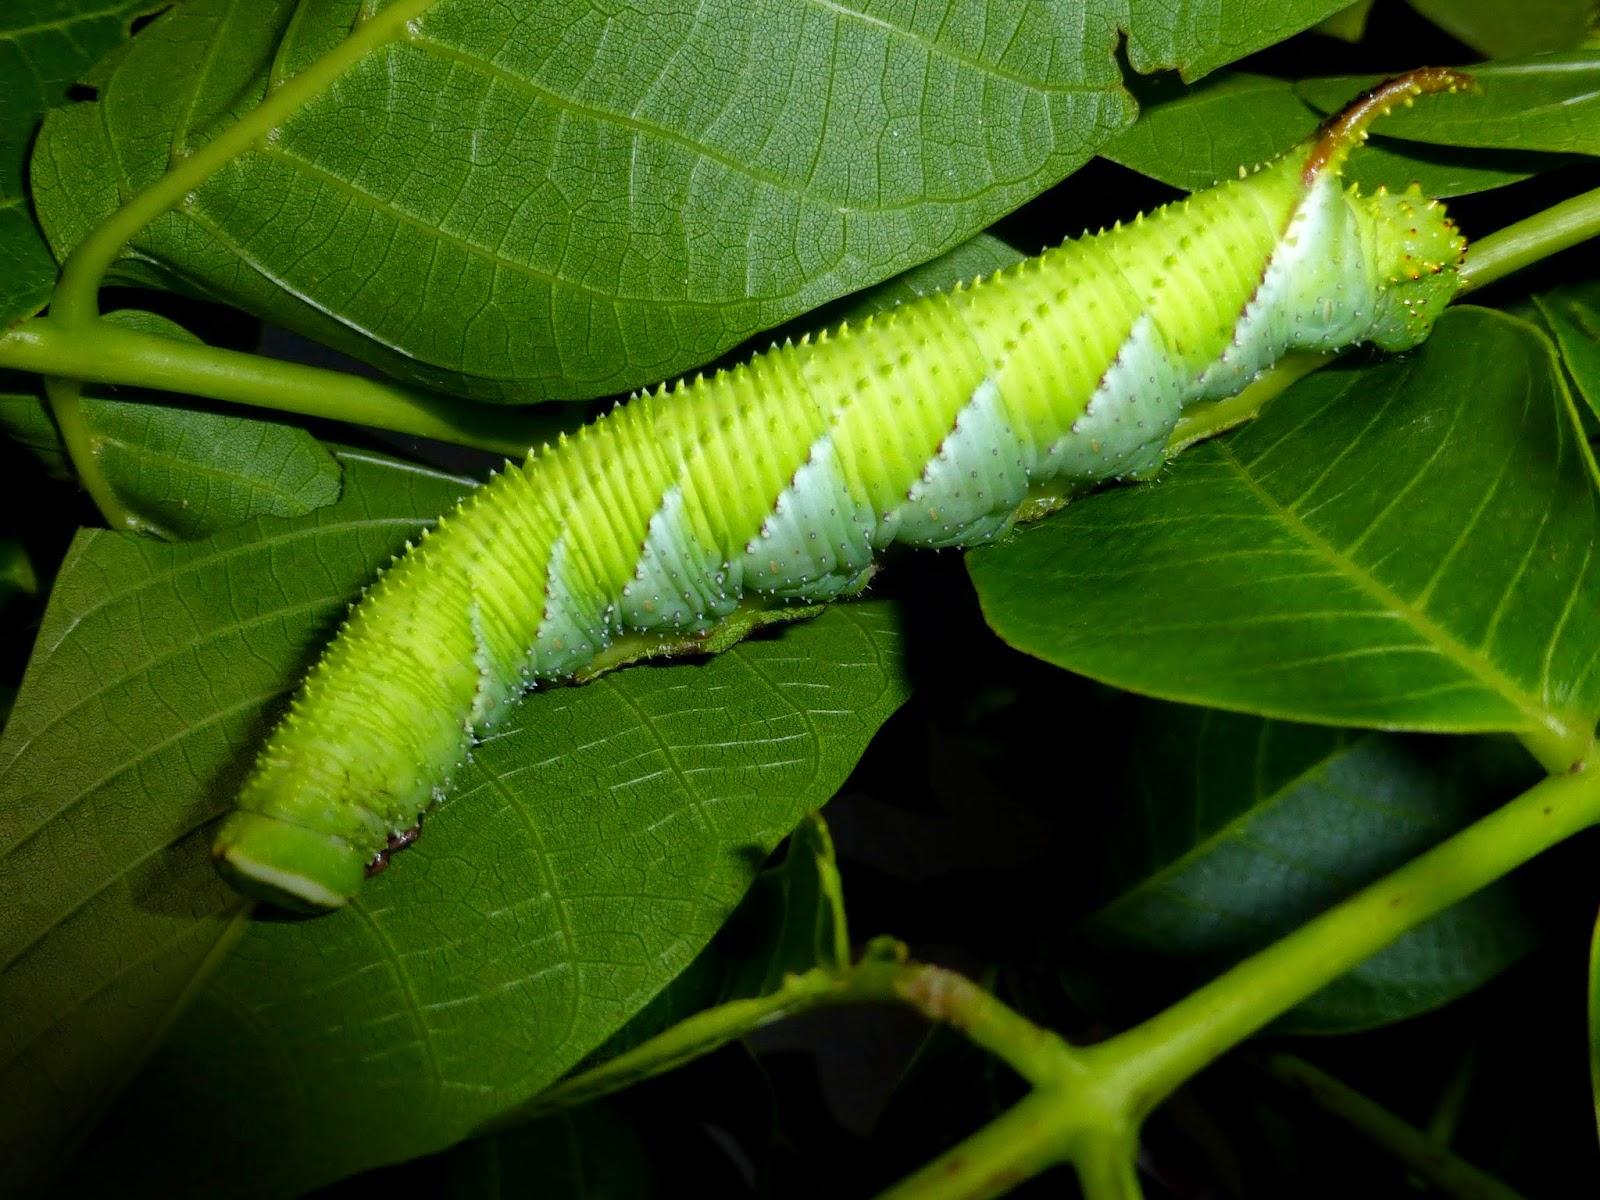 Phyllosphingia dissimilis caterpillar L5